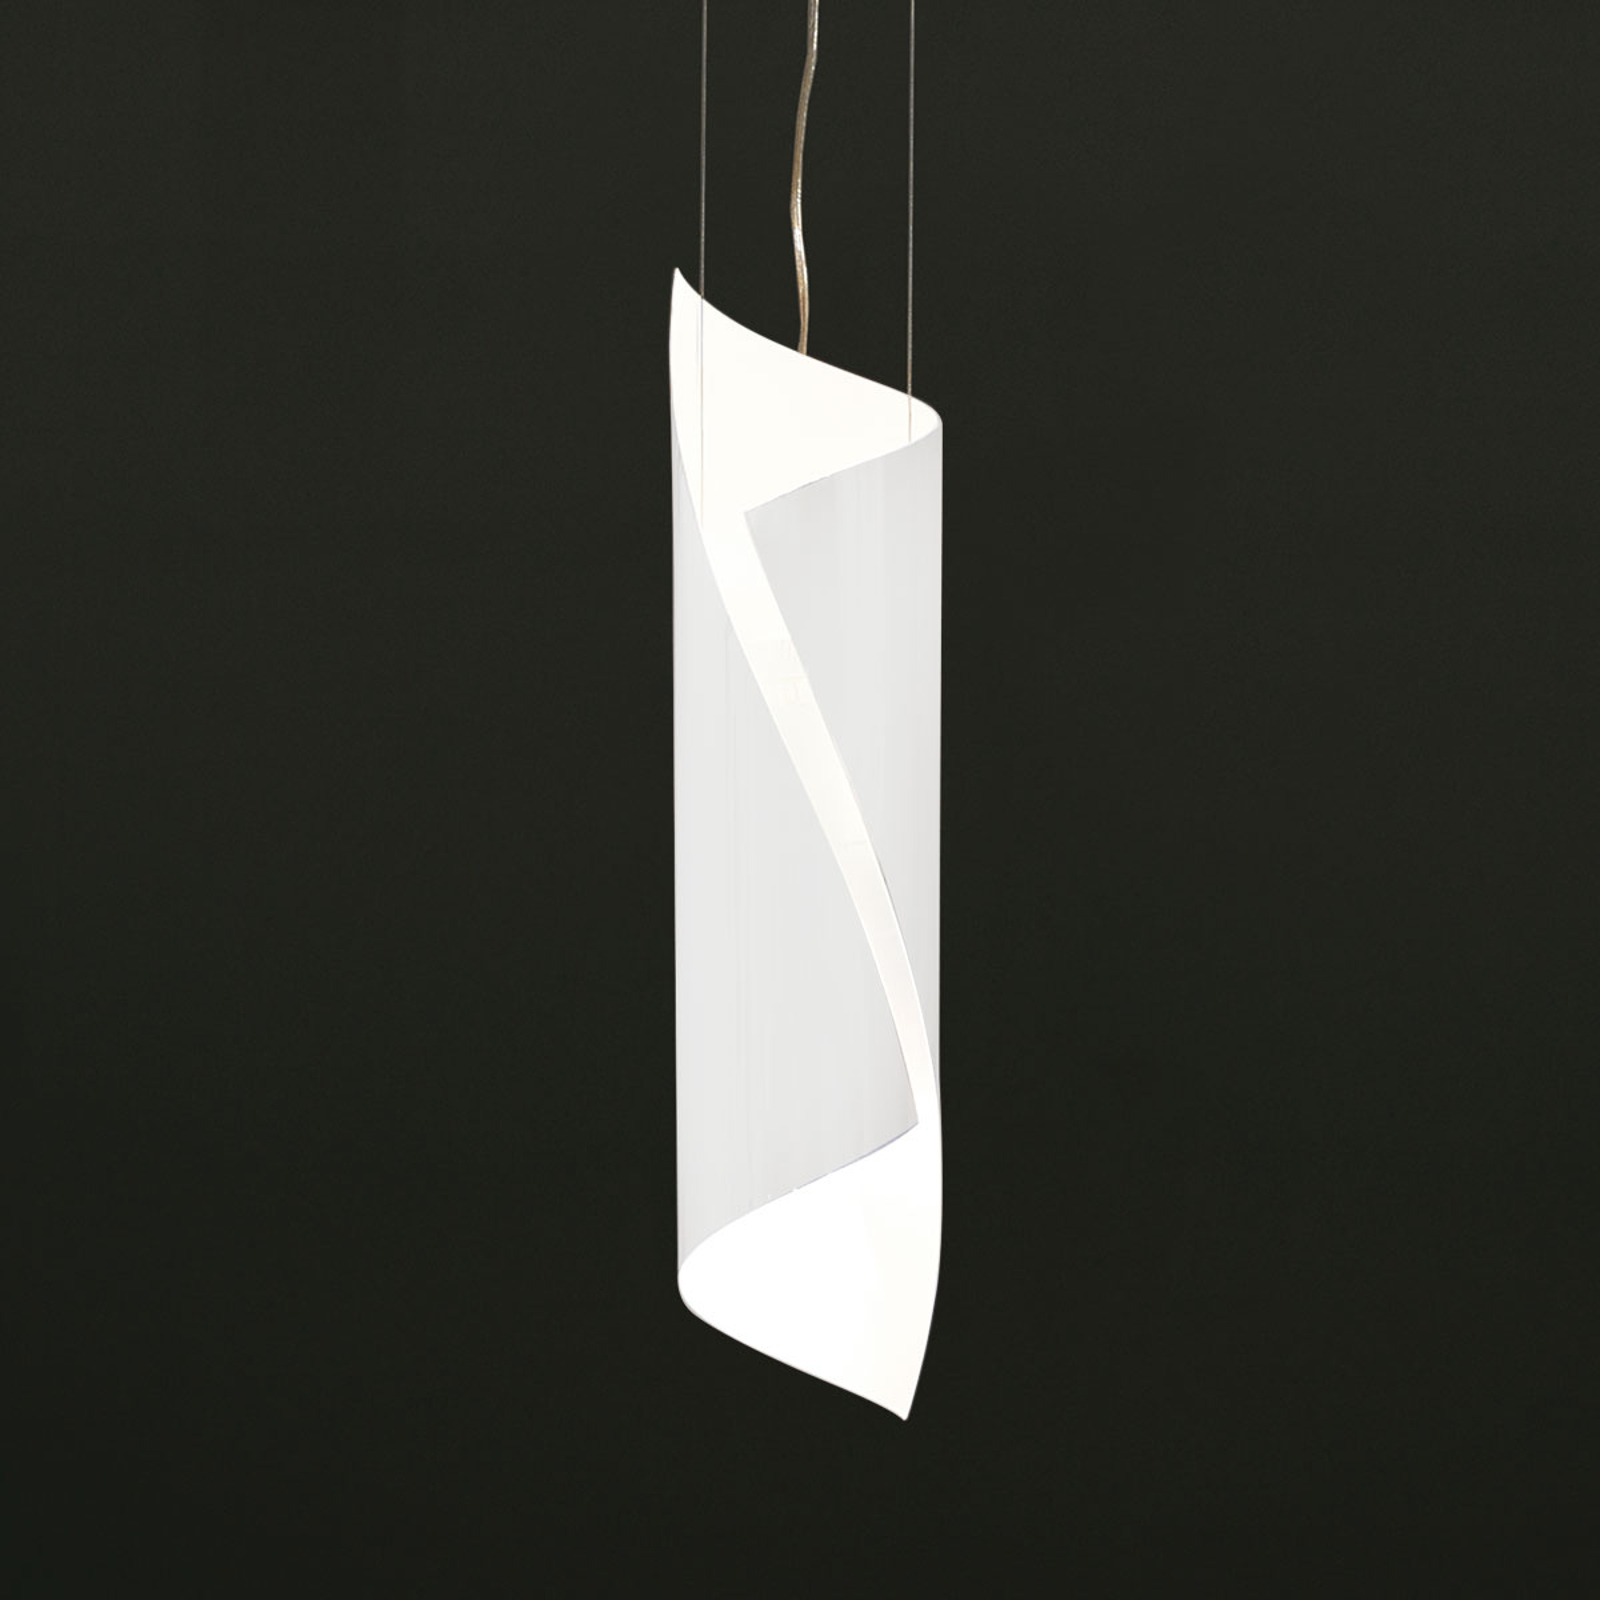 Knikerboker Hué - mała obracana lampa wisząca LED